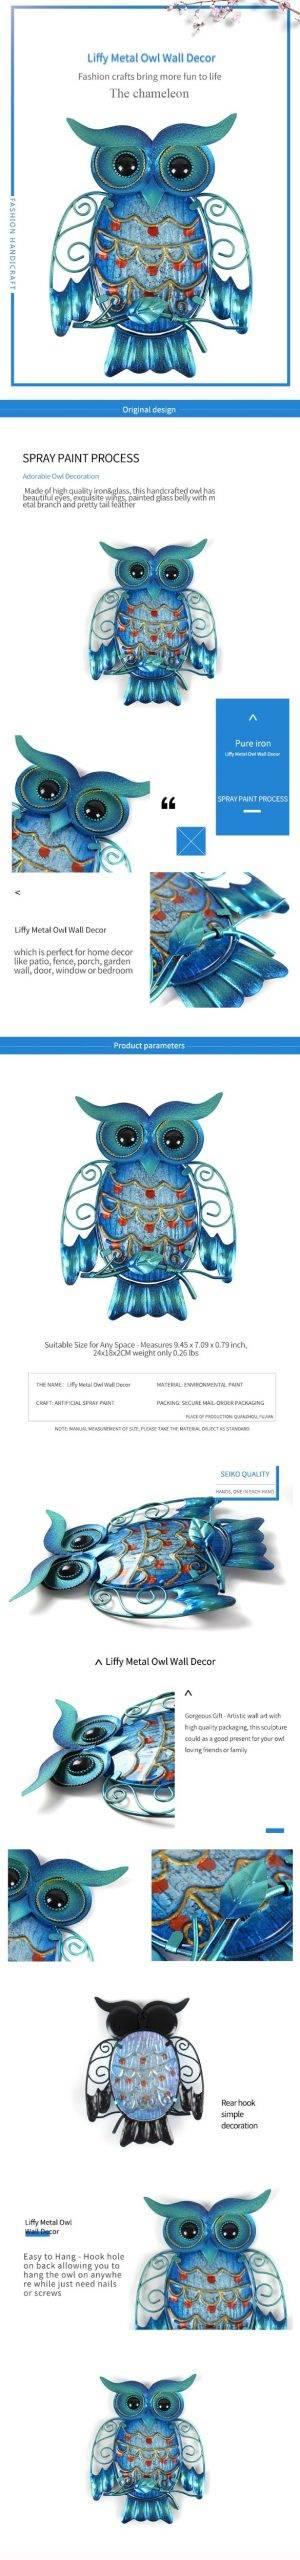 Metal Owl Home Decor for Garden